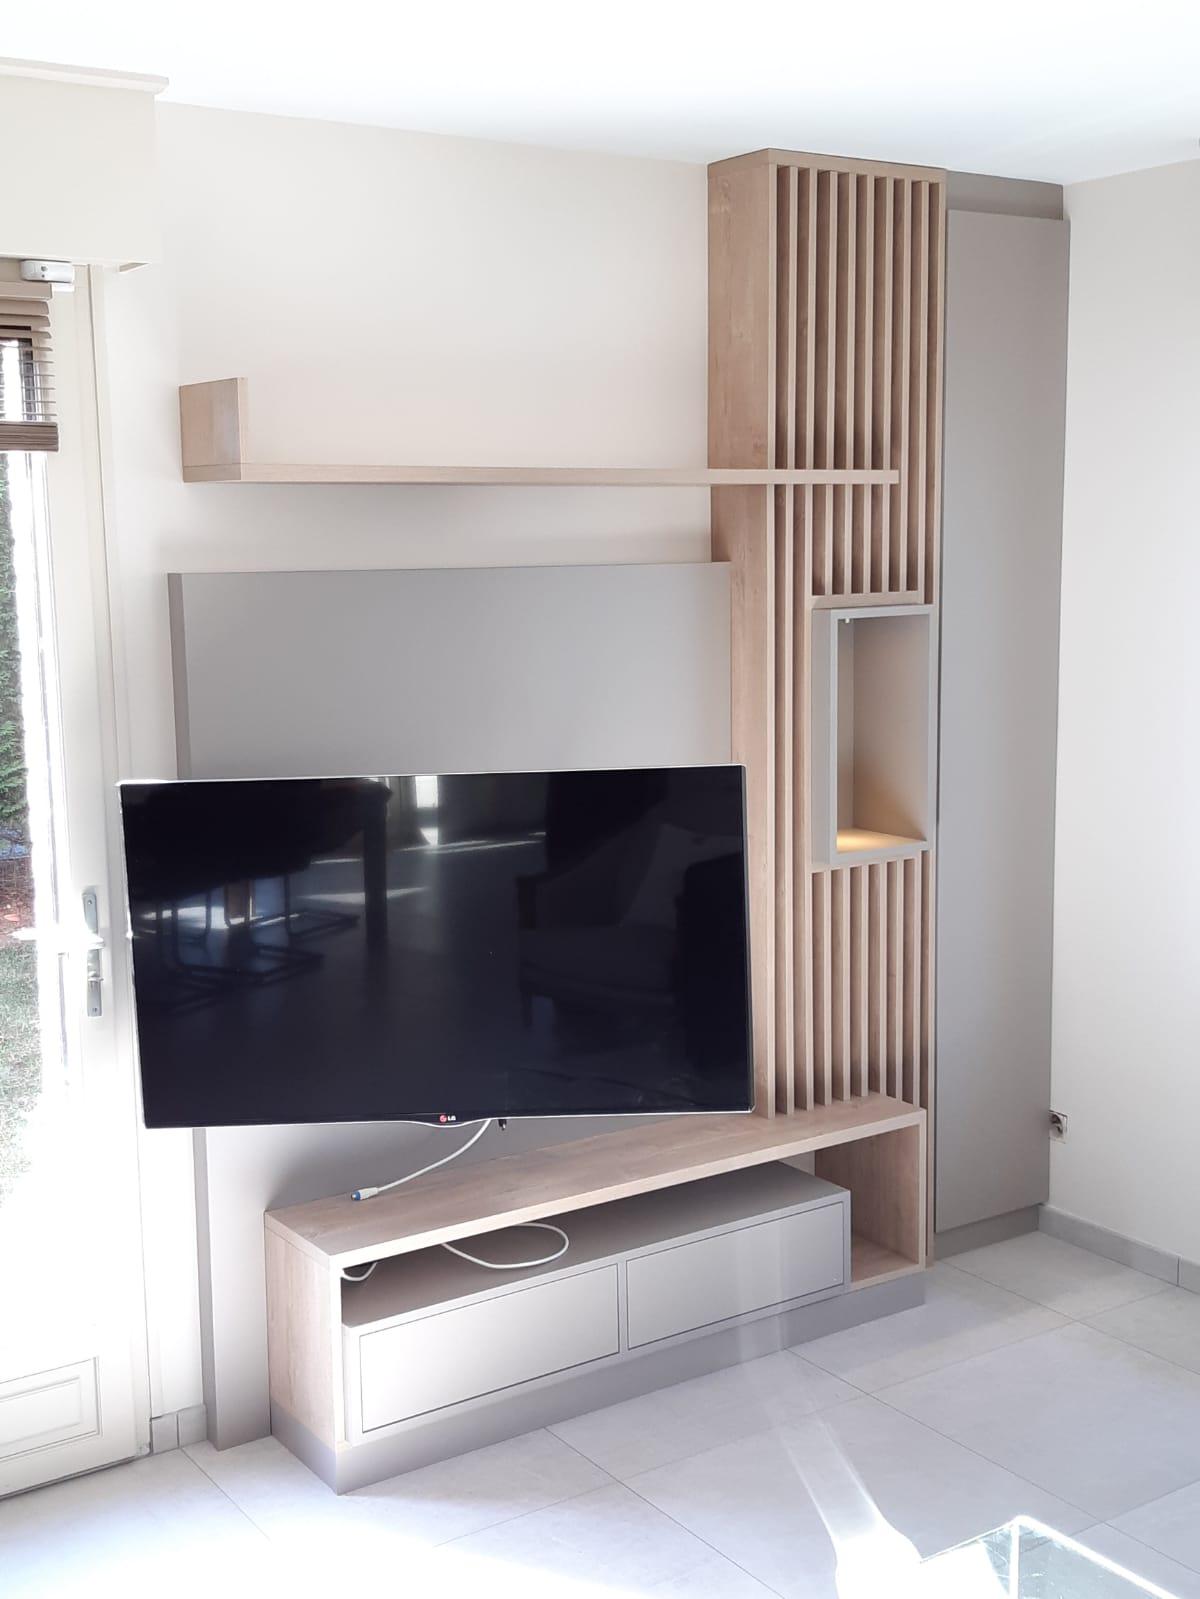 Enfin, sur cette troisième photo, on peut voir que la télé est modulable.